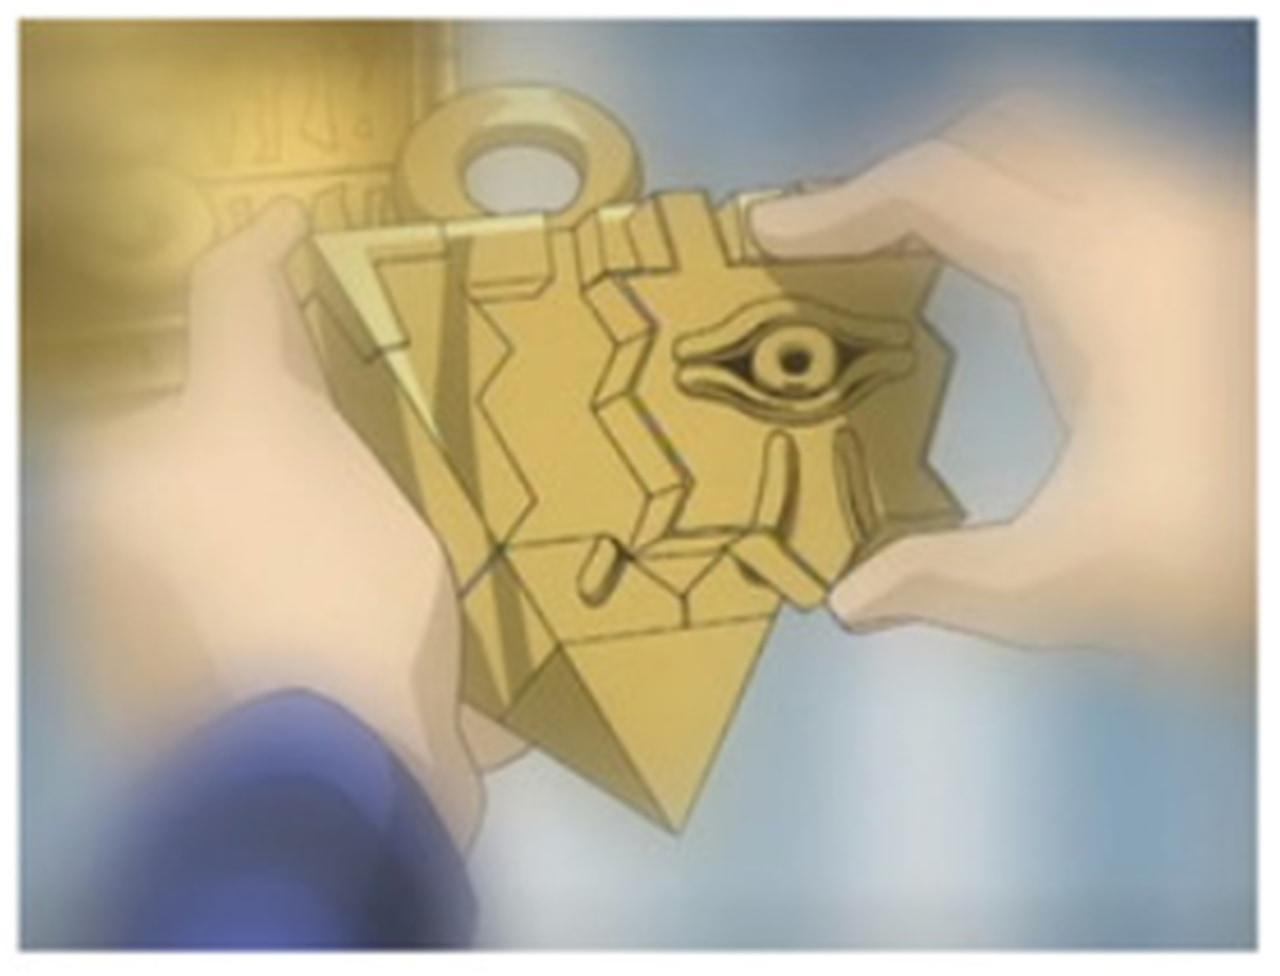 遊戯王世代胸熱!超高難易度の「千年パズル」が再現され発売!?